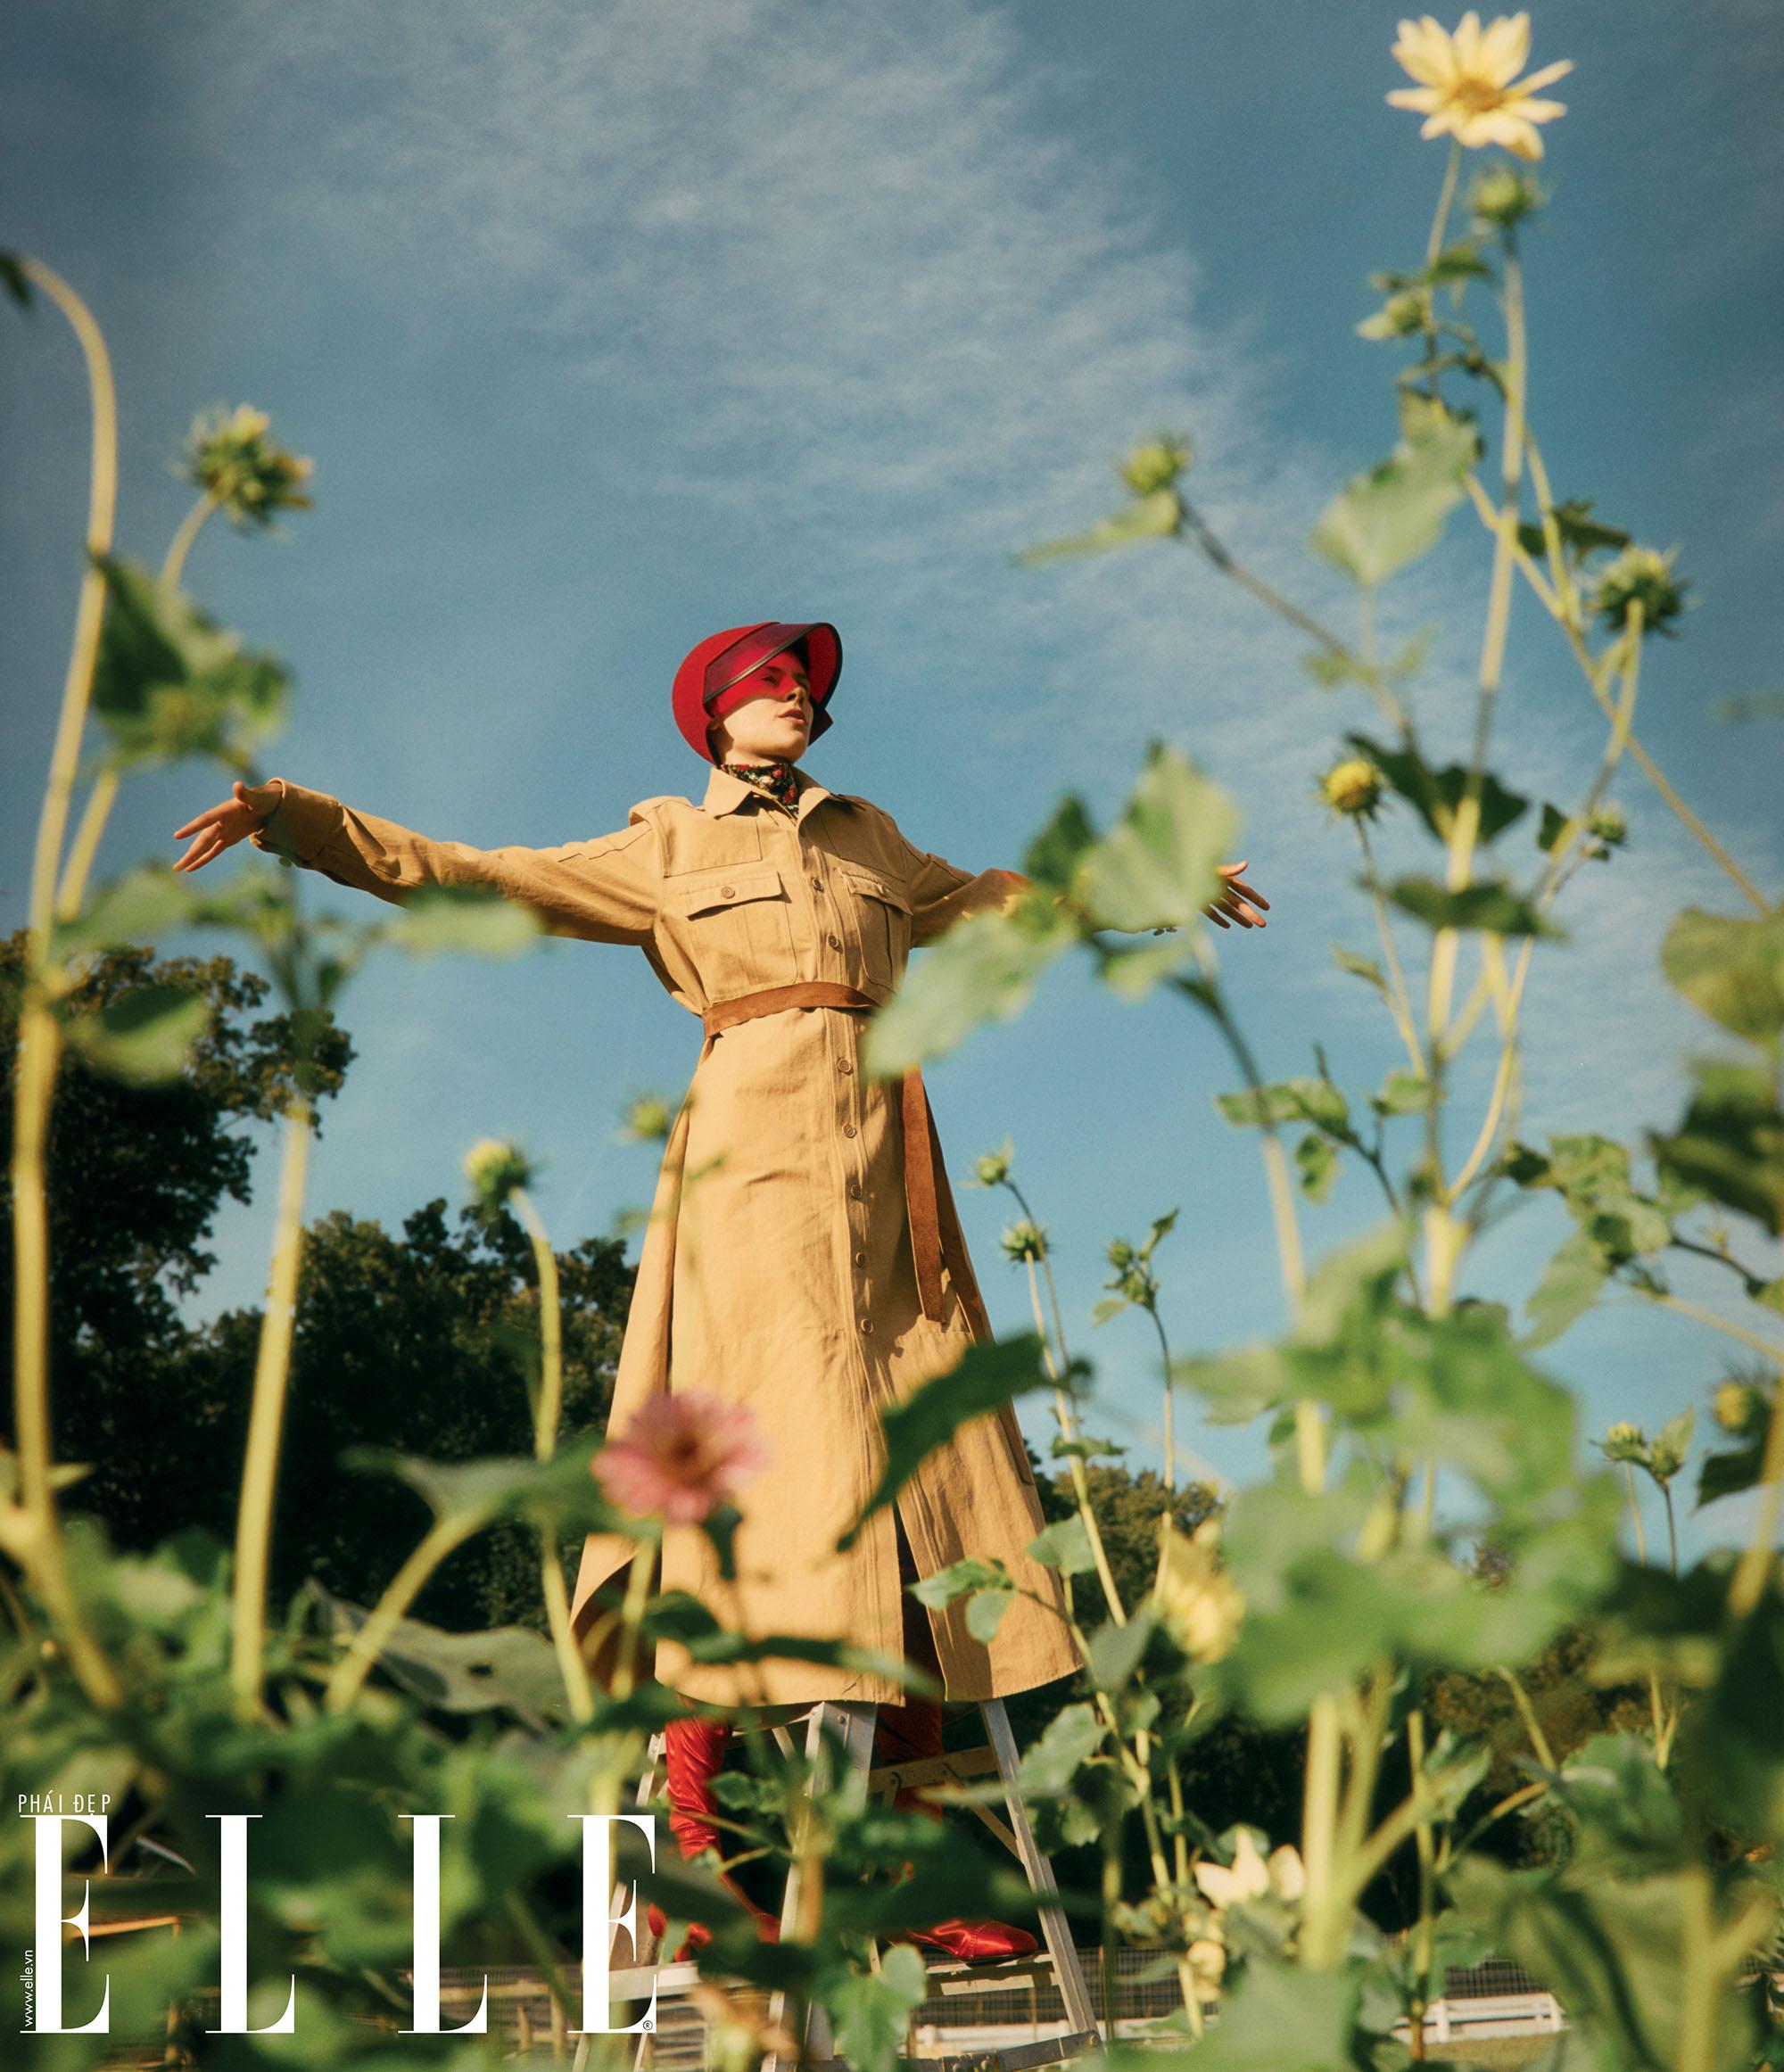 bộ ảnh người mẫu giang tay hít thở tại cánh đồng hoa cúc